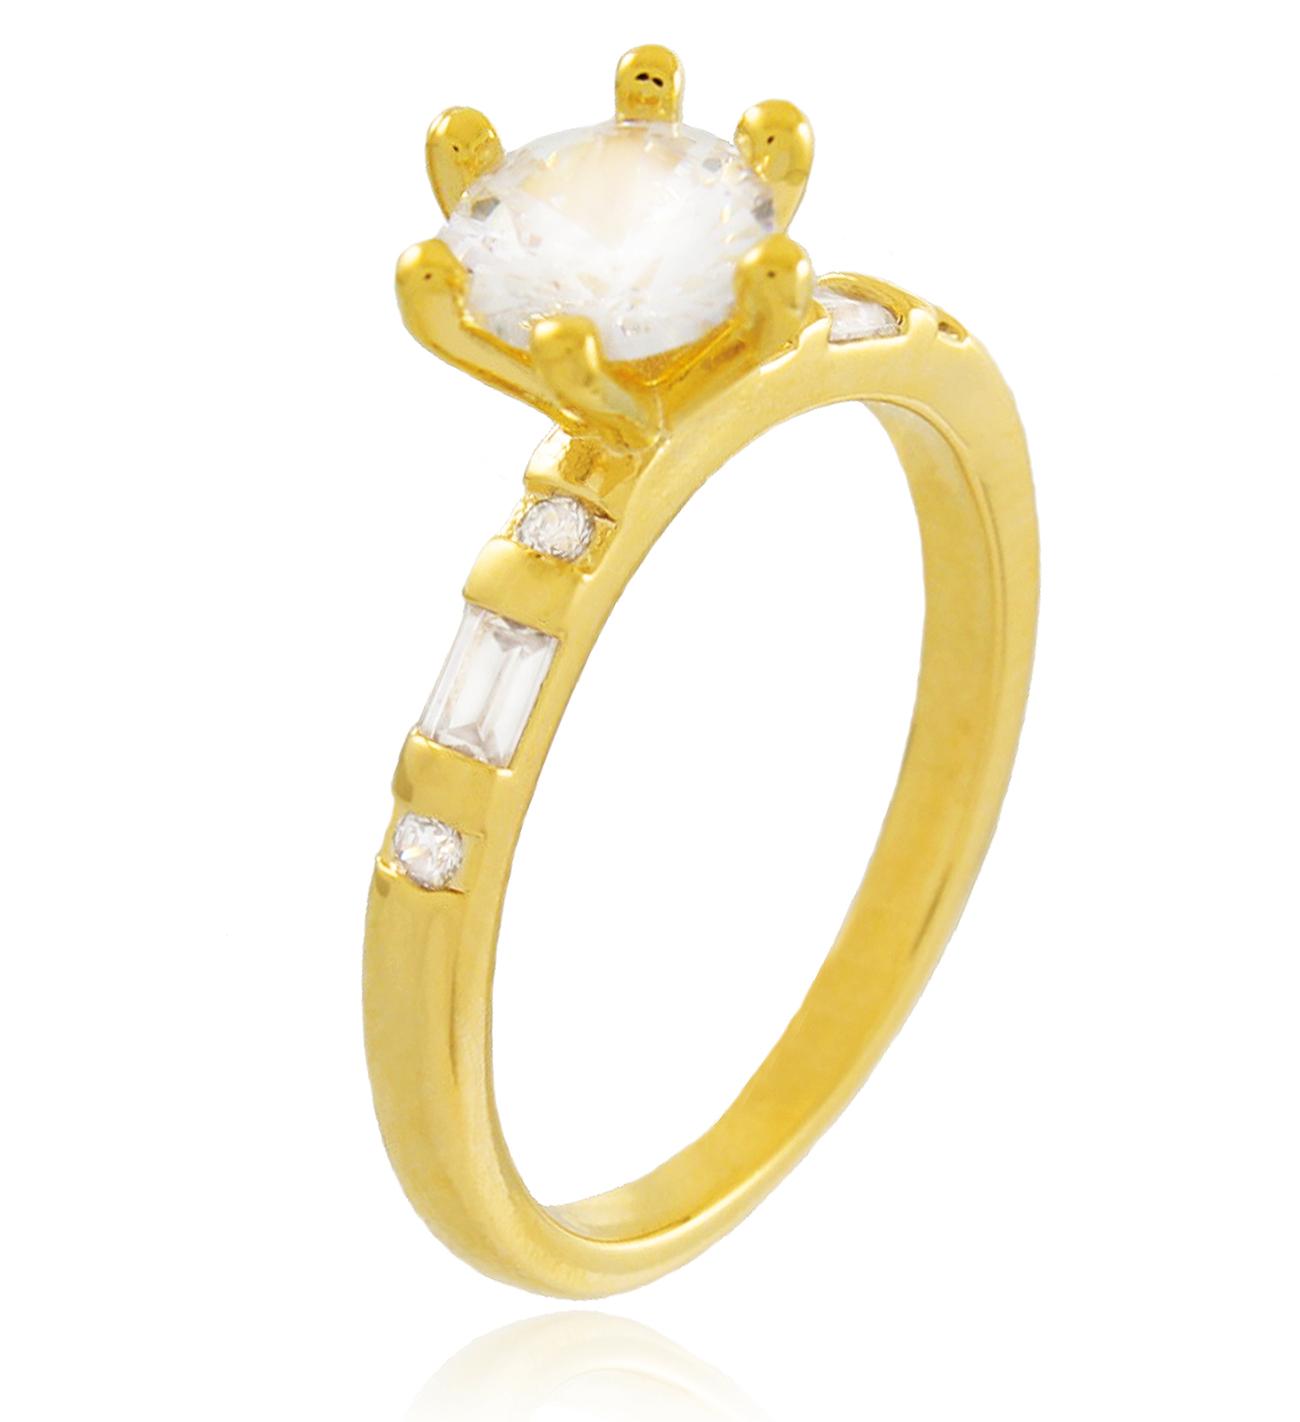 Anel Solitário Zircônia Cristal Dourado Duquesa Semi joias